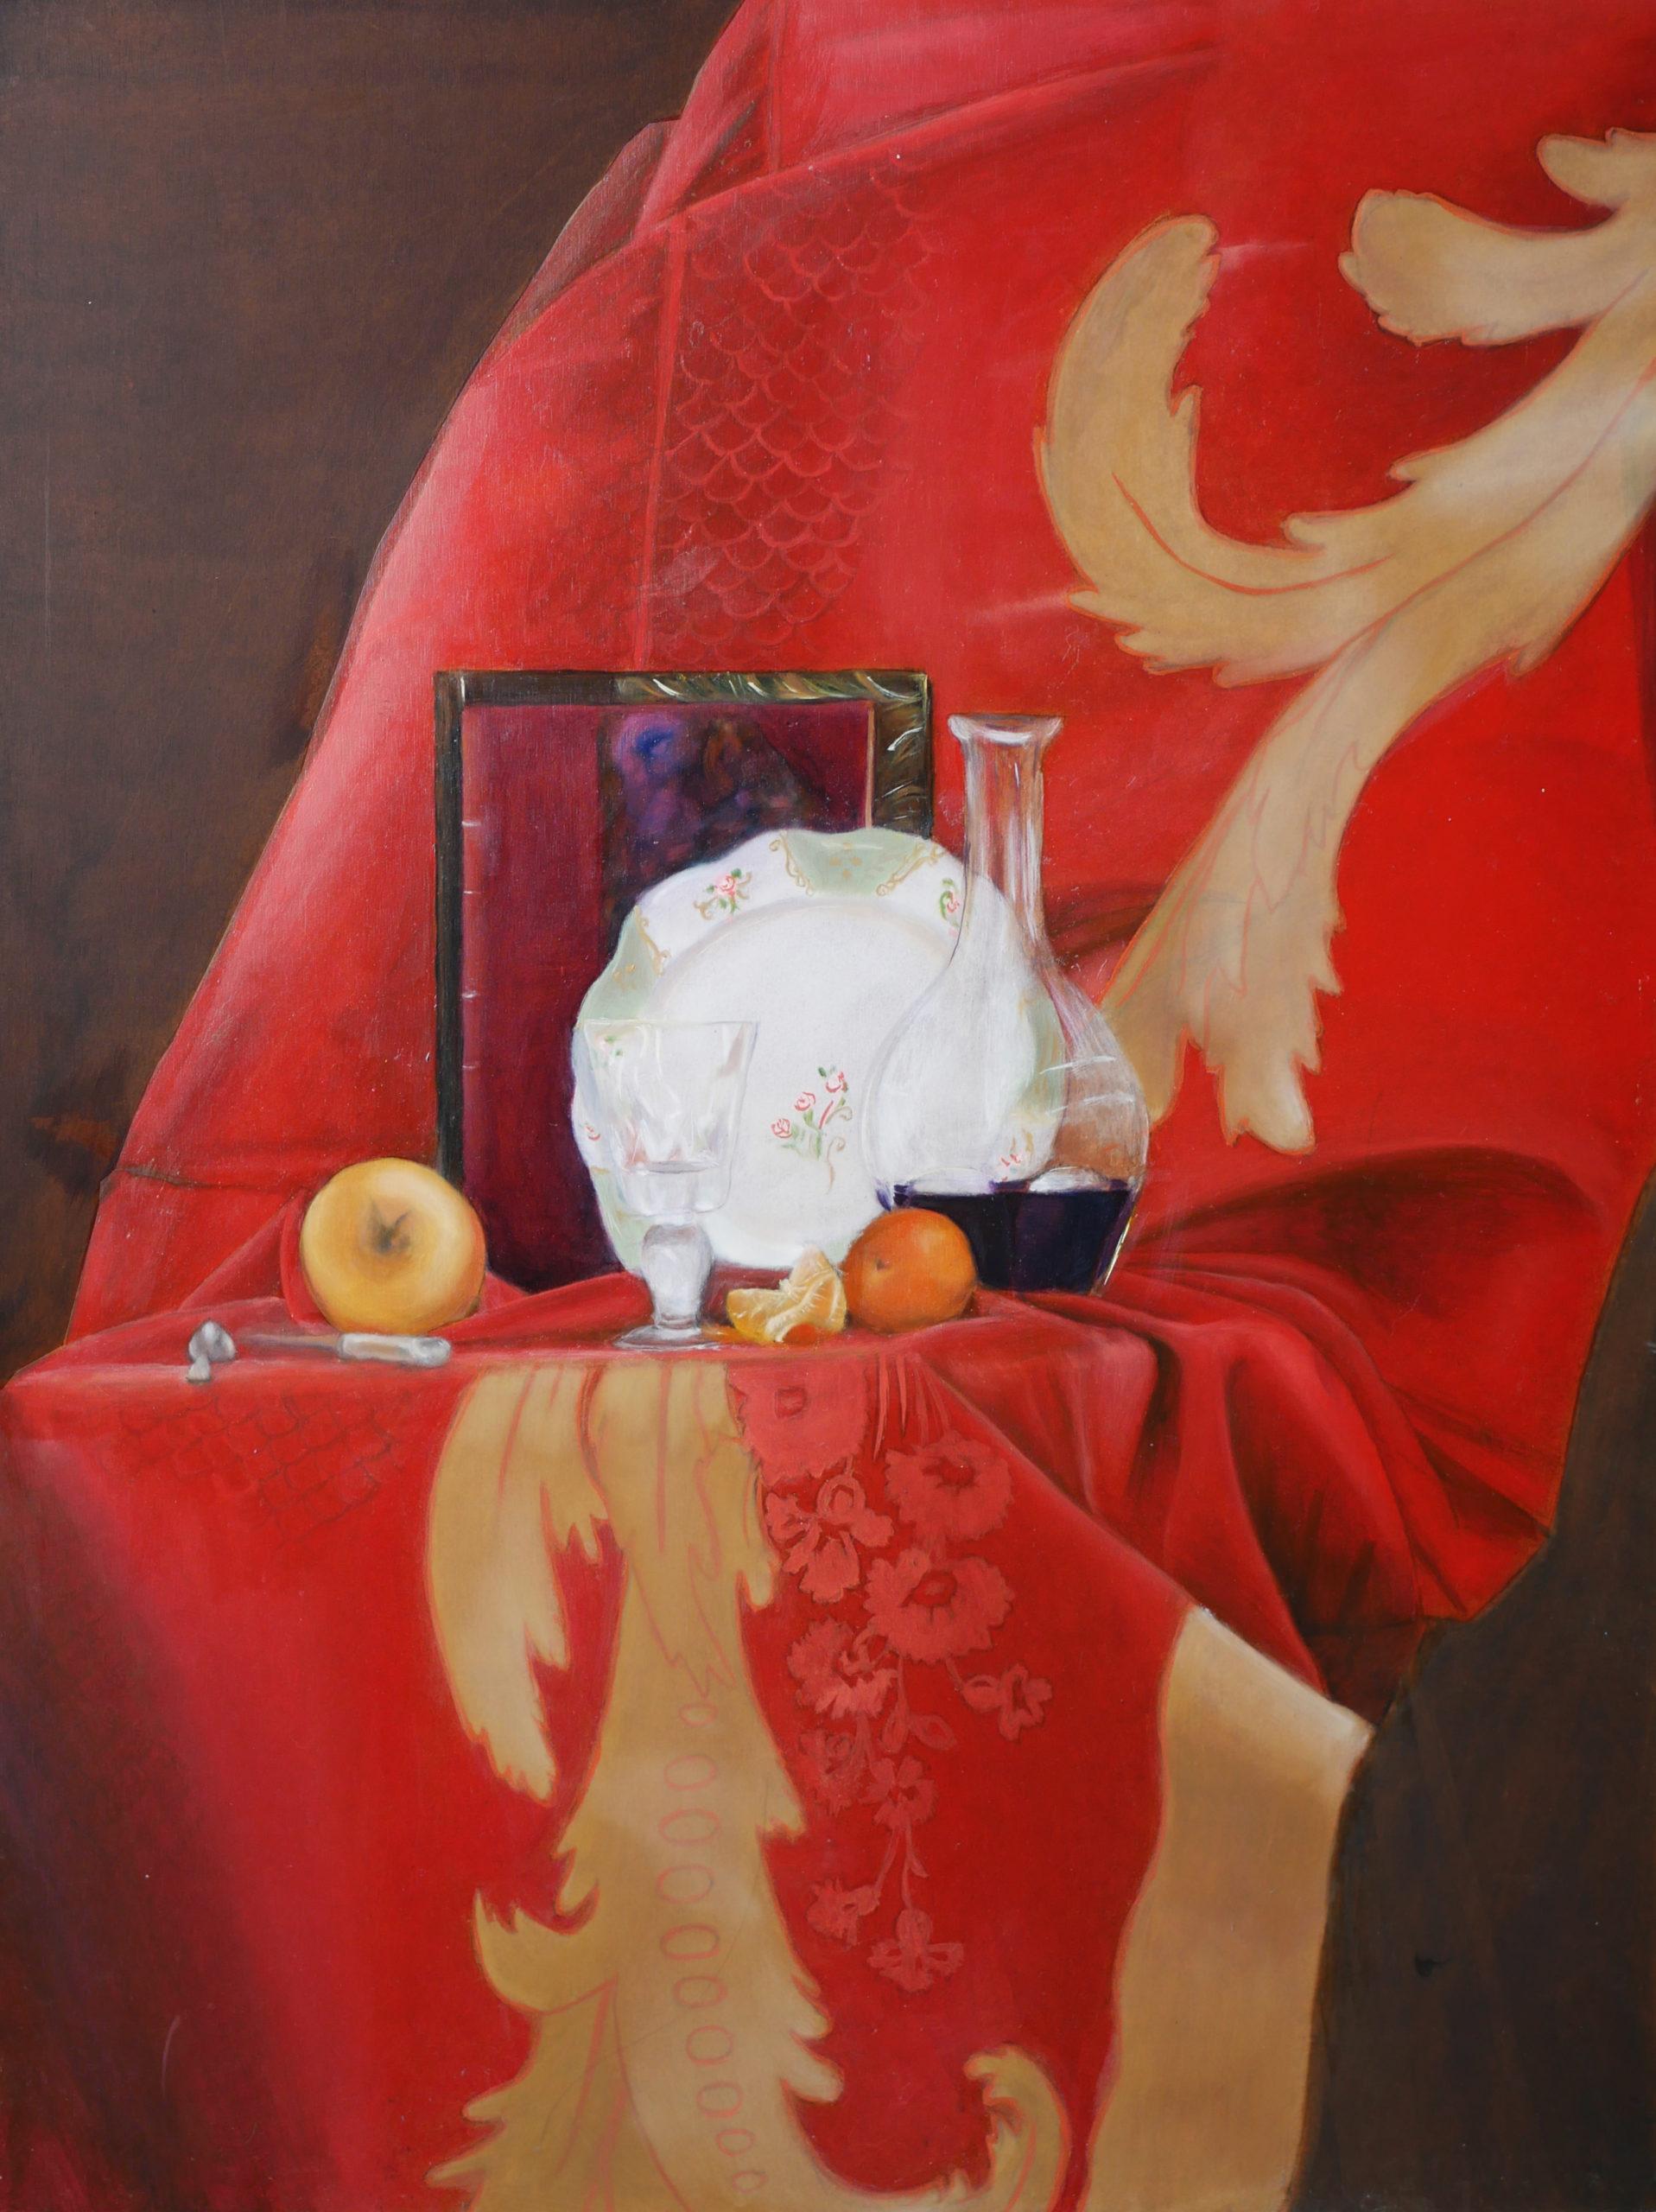 Décor trompe l'oeil nature morte, peinture à l'huile. Assilem décors, peintre en décor Bordeaux, décoration intérieure, peinture décorative